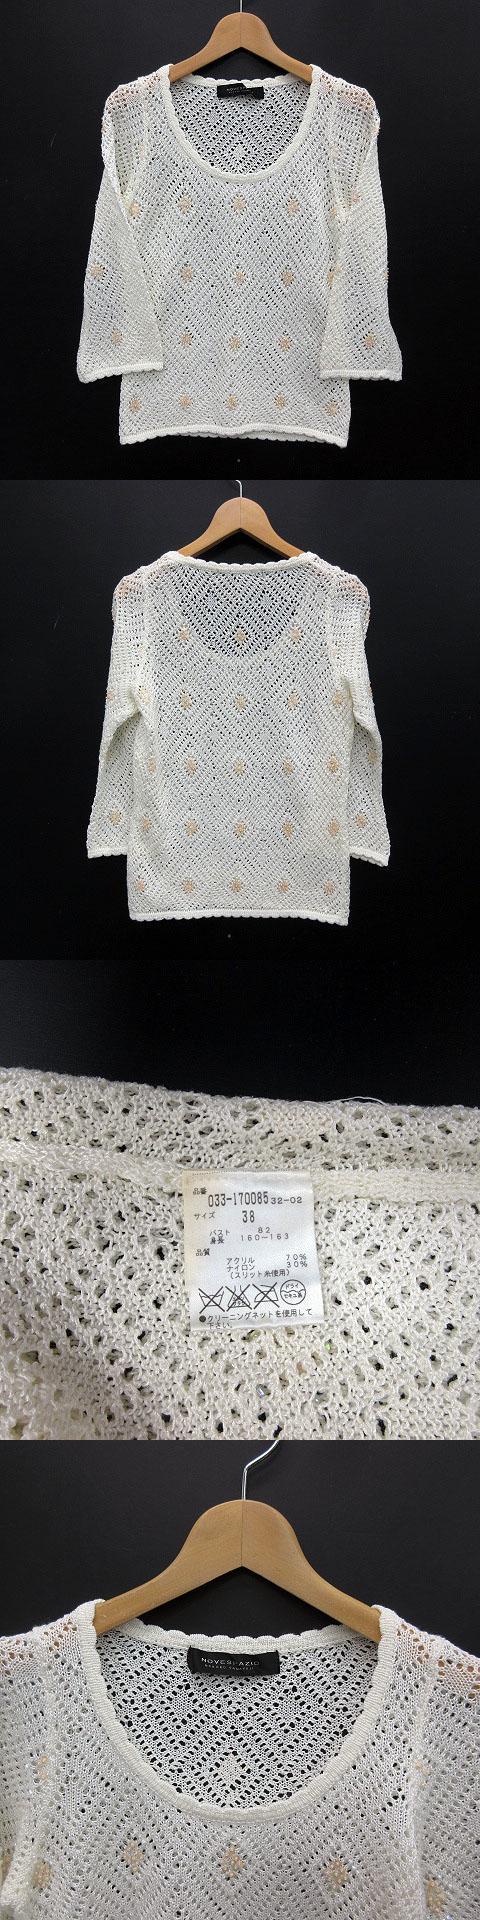 サマーニット トップス かぎ編み ビーズ刺繍 七分袖 オフホワイト 38